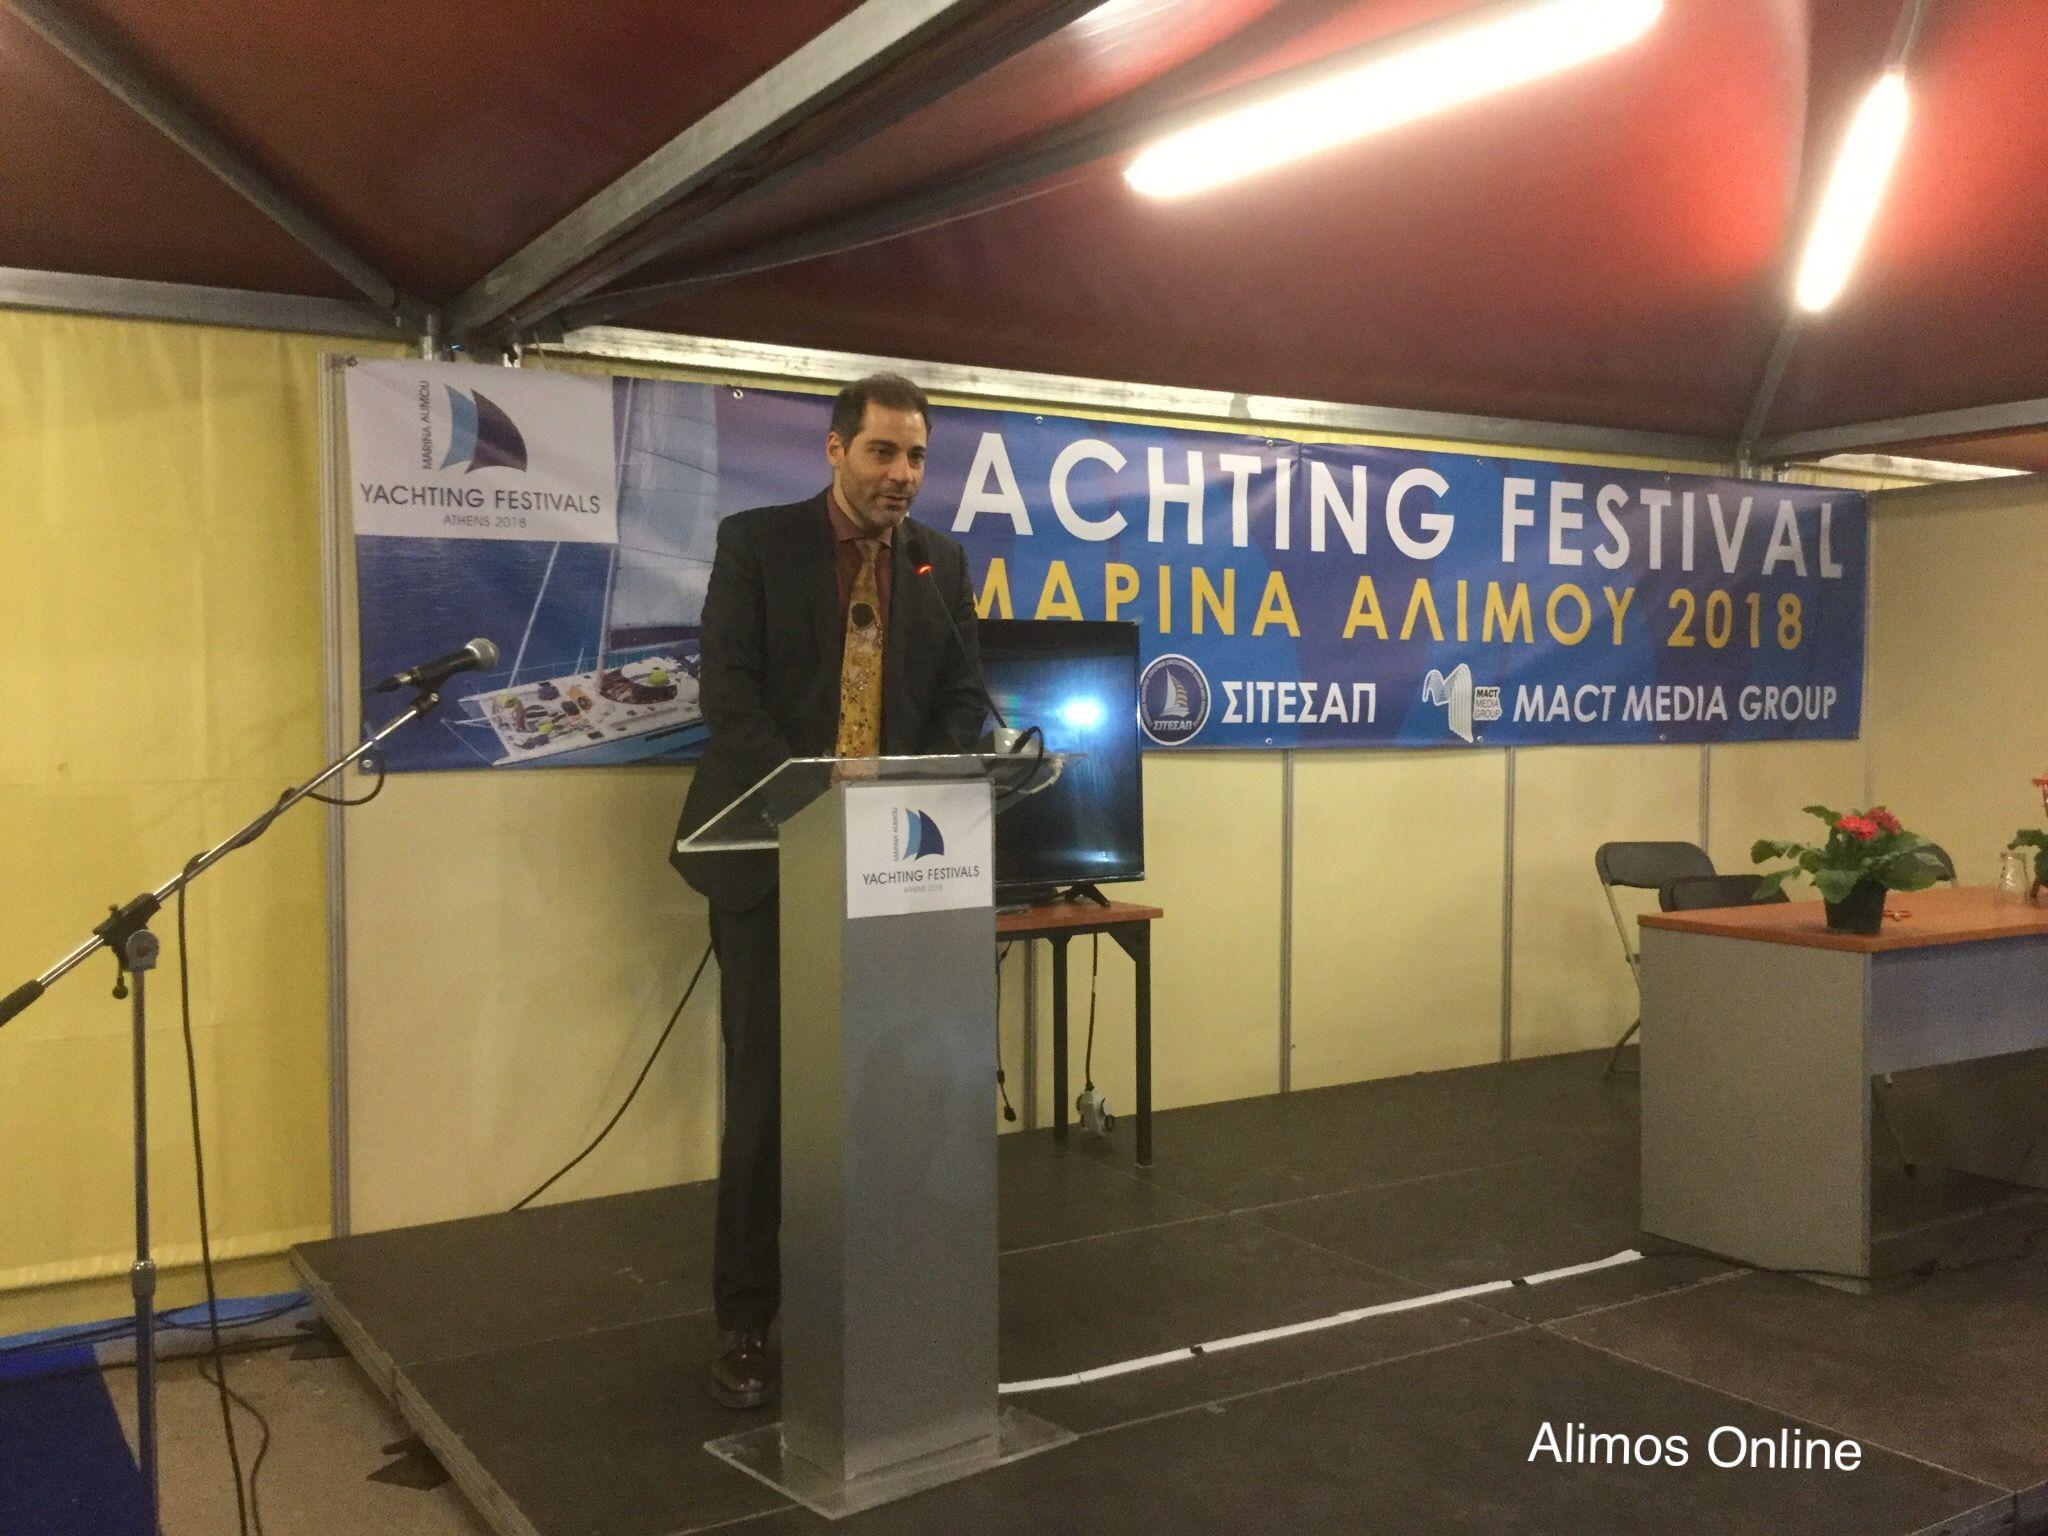 Πανηγυρικά τα εγκαίνια του 1ου Yachting Festival στη Μαρίνα Αλίμου